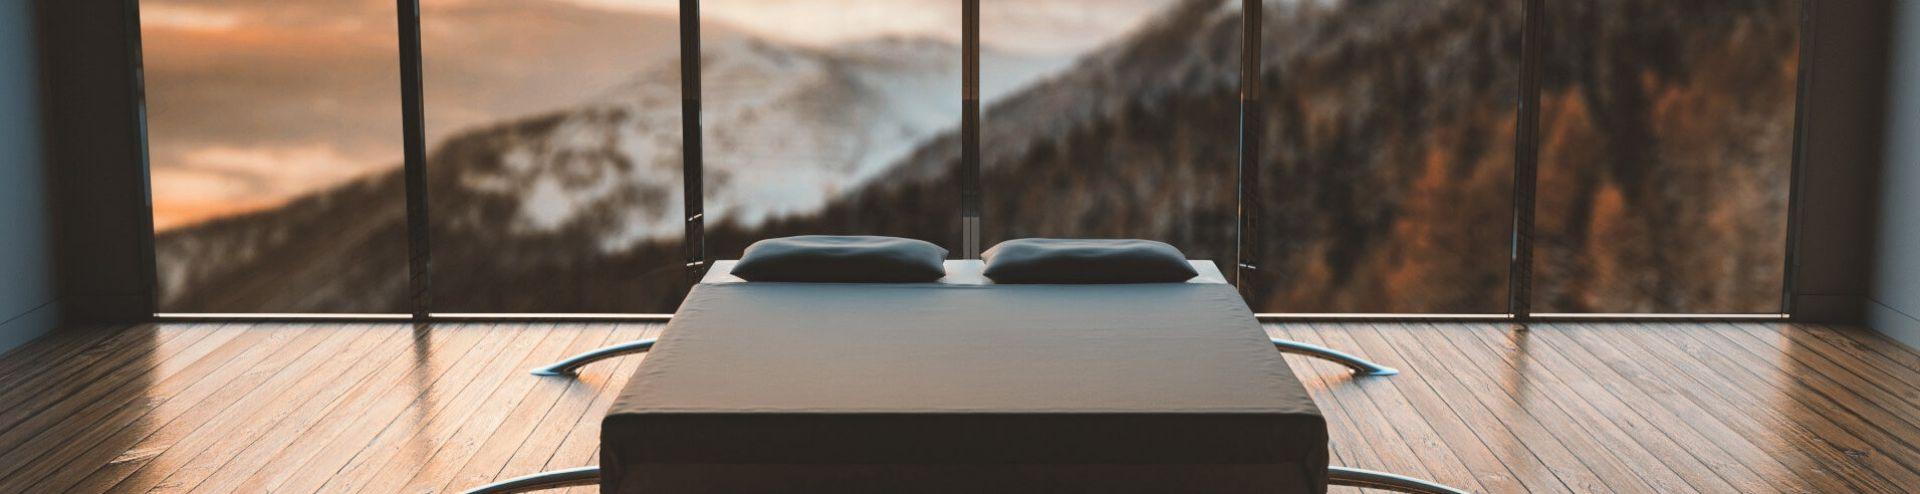 Ventilatie in de slaapkamer - Brink Air